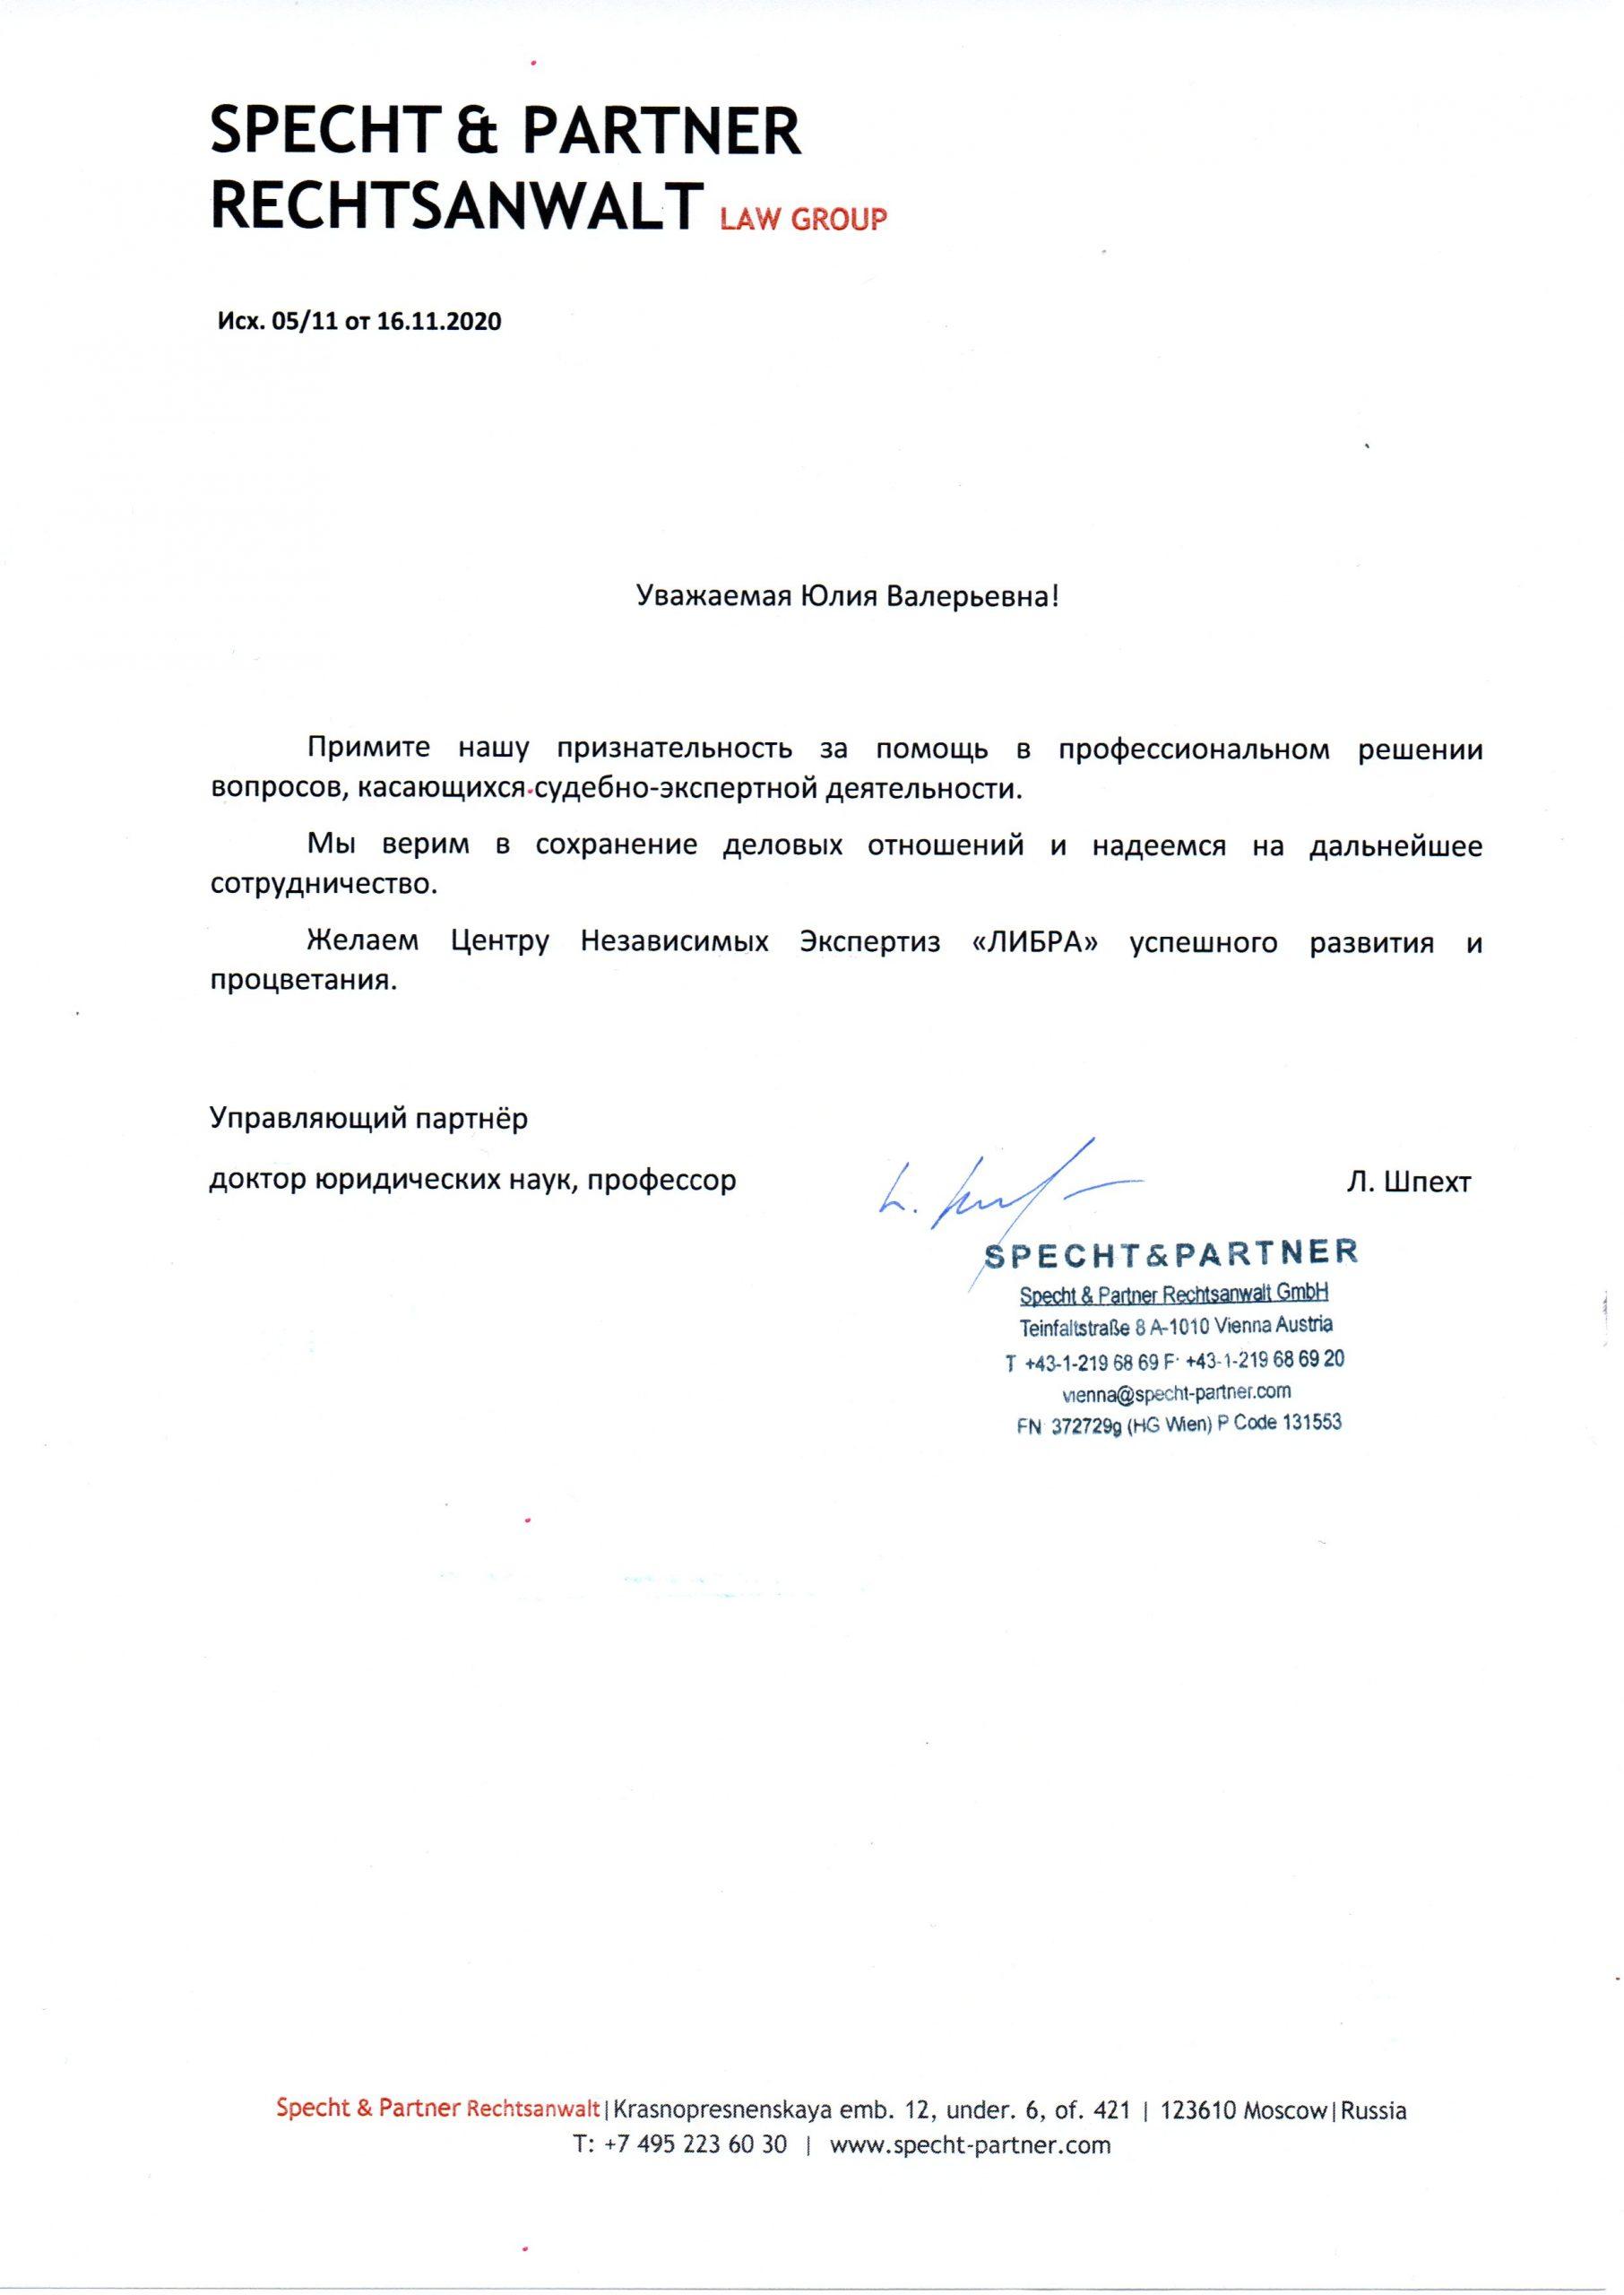 Благодарственное письмо Шпехт